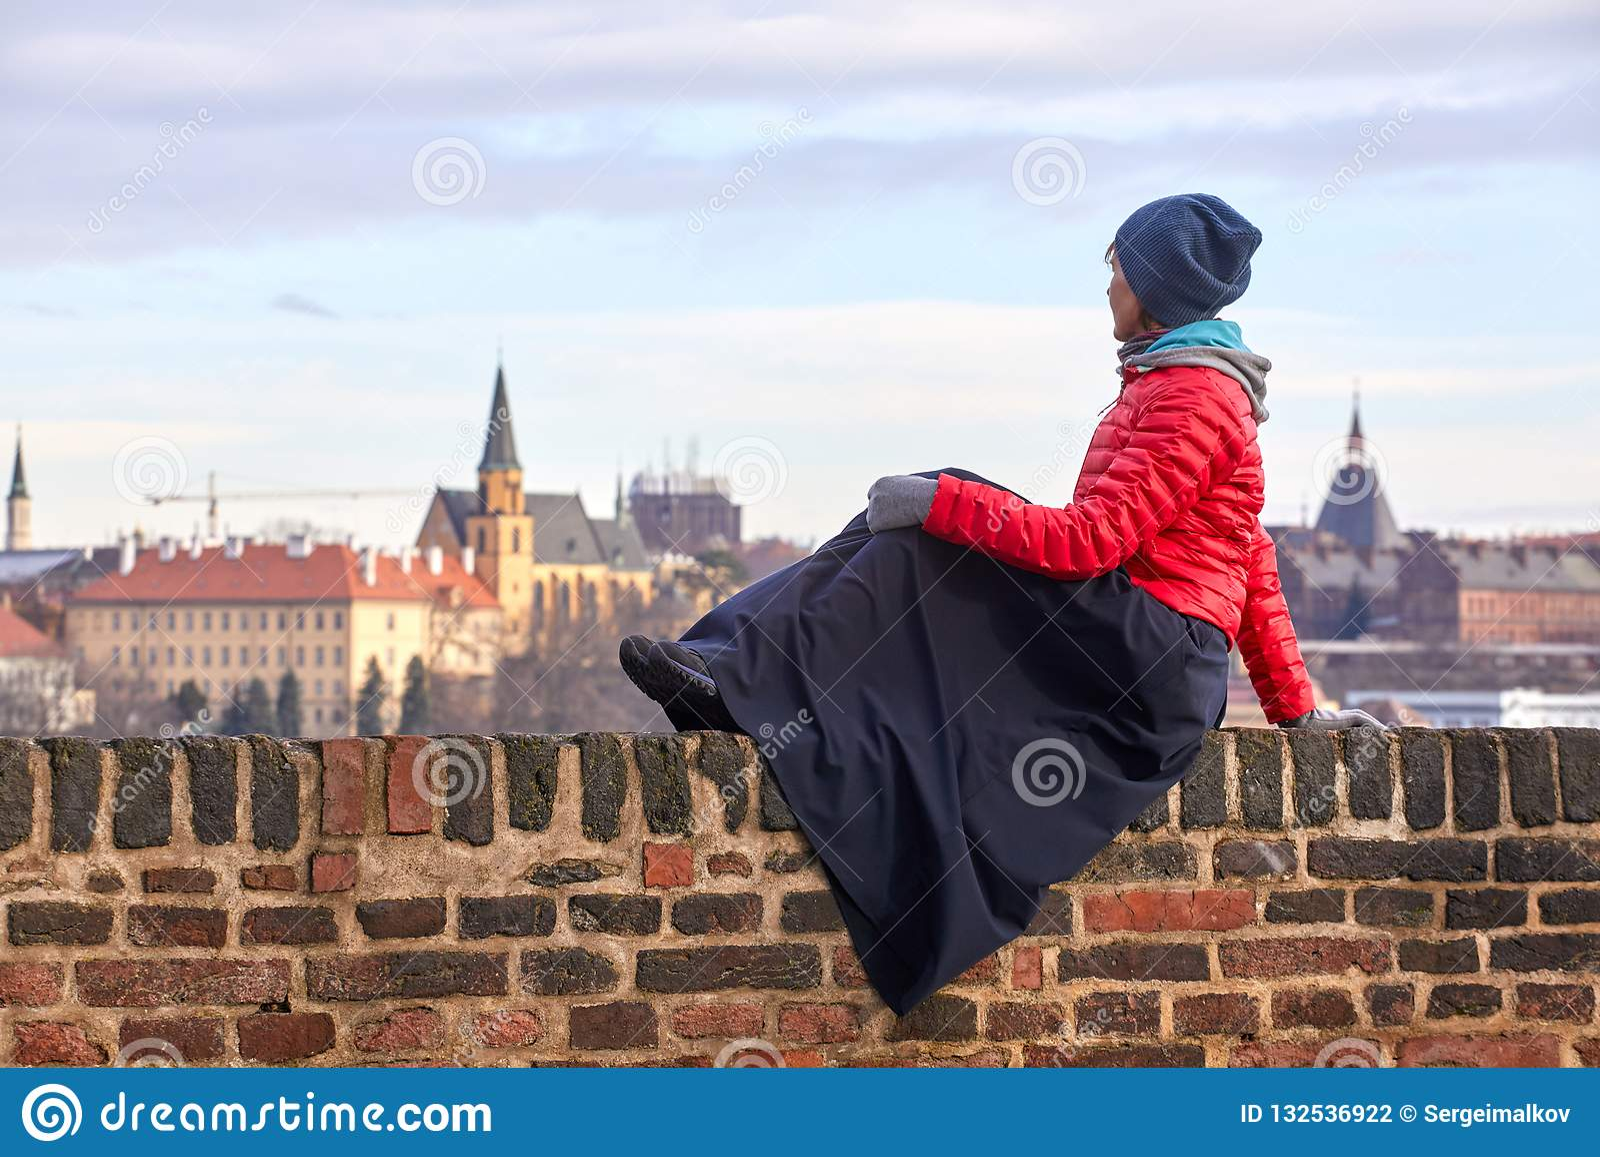 Praga Una mujer joven en una chaqueta roja se sienta en una pared de ladrillo y admira la vista de la parte histórica de la ciuda